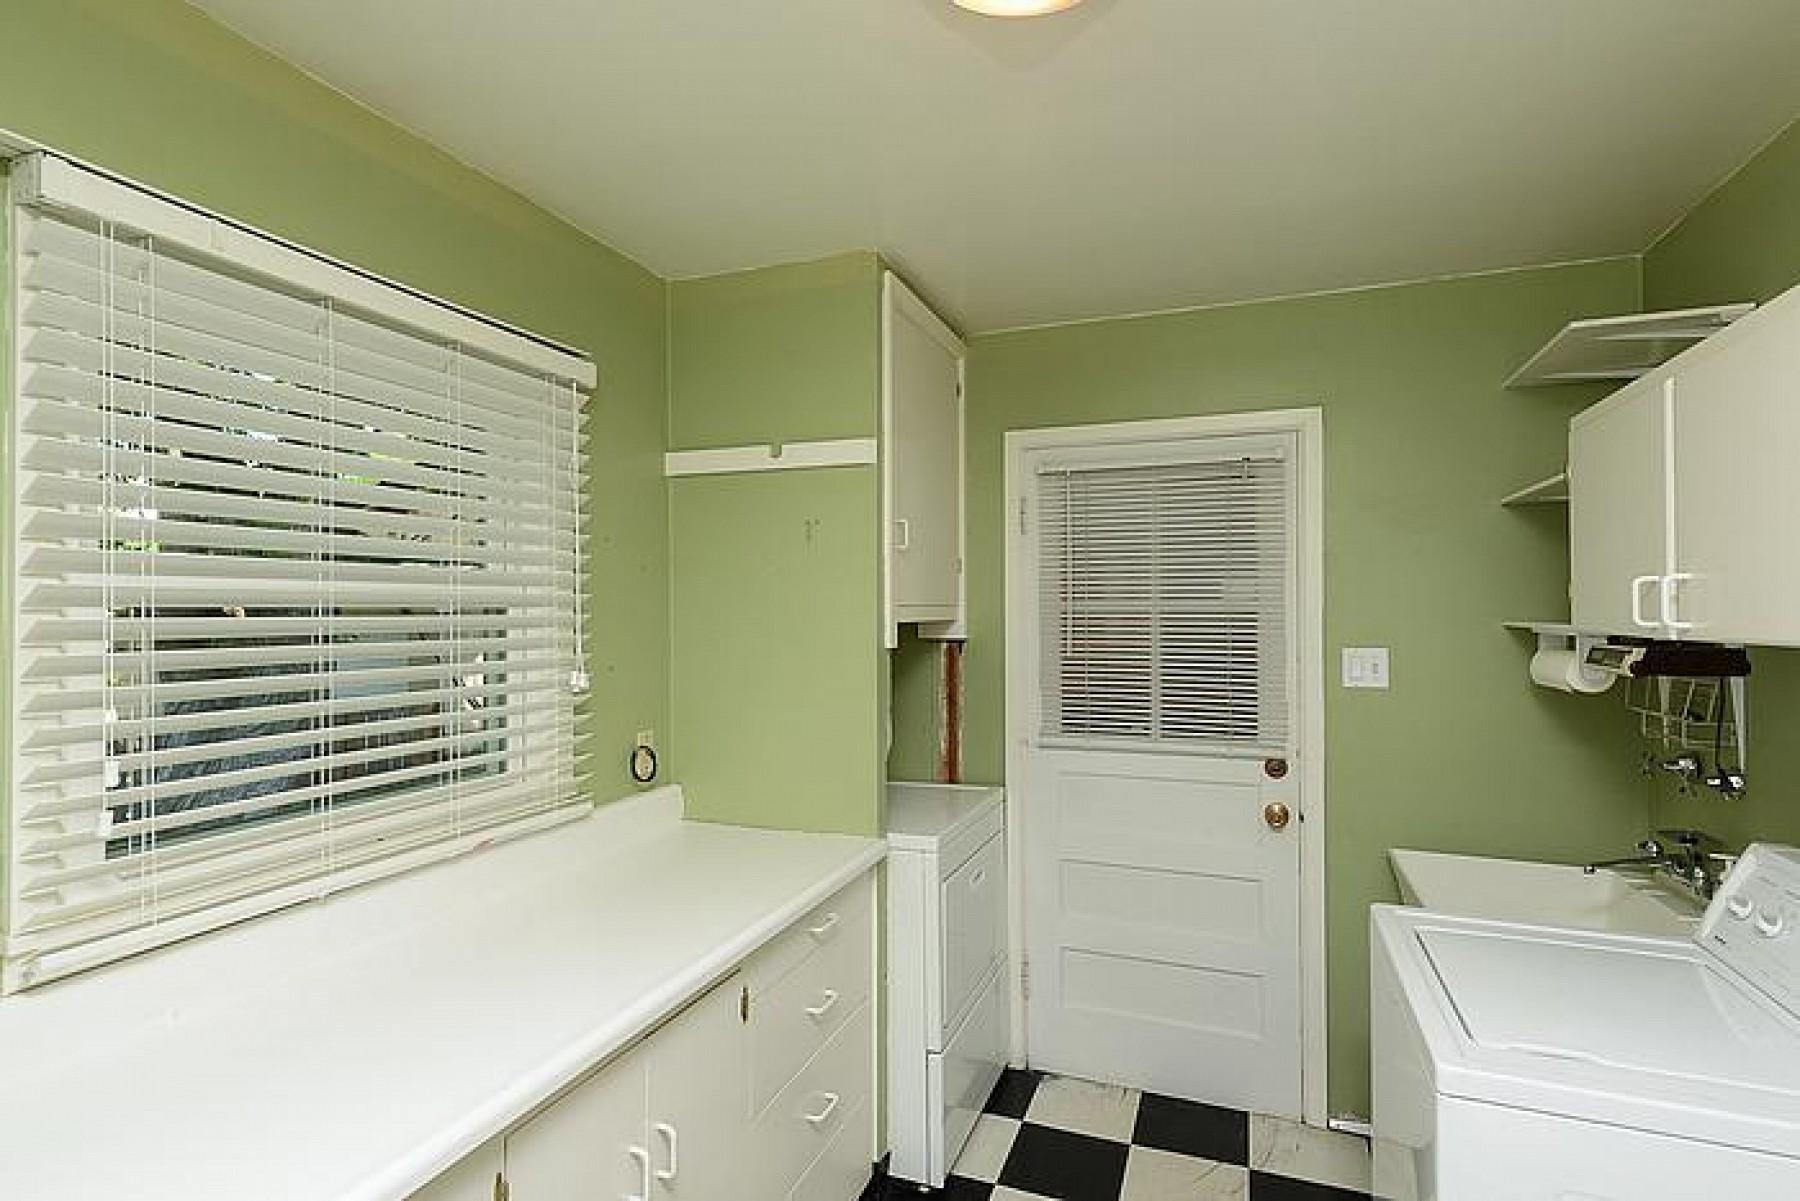 3345 S. Lafayette Street, Englewood, CO 80113